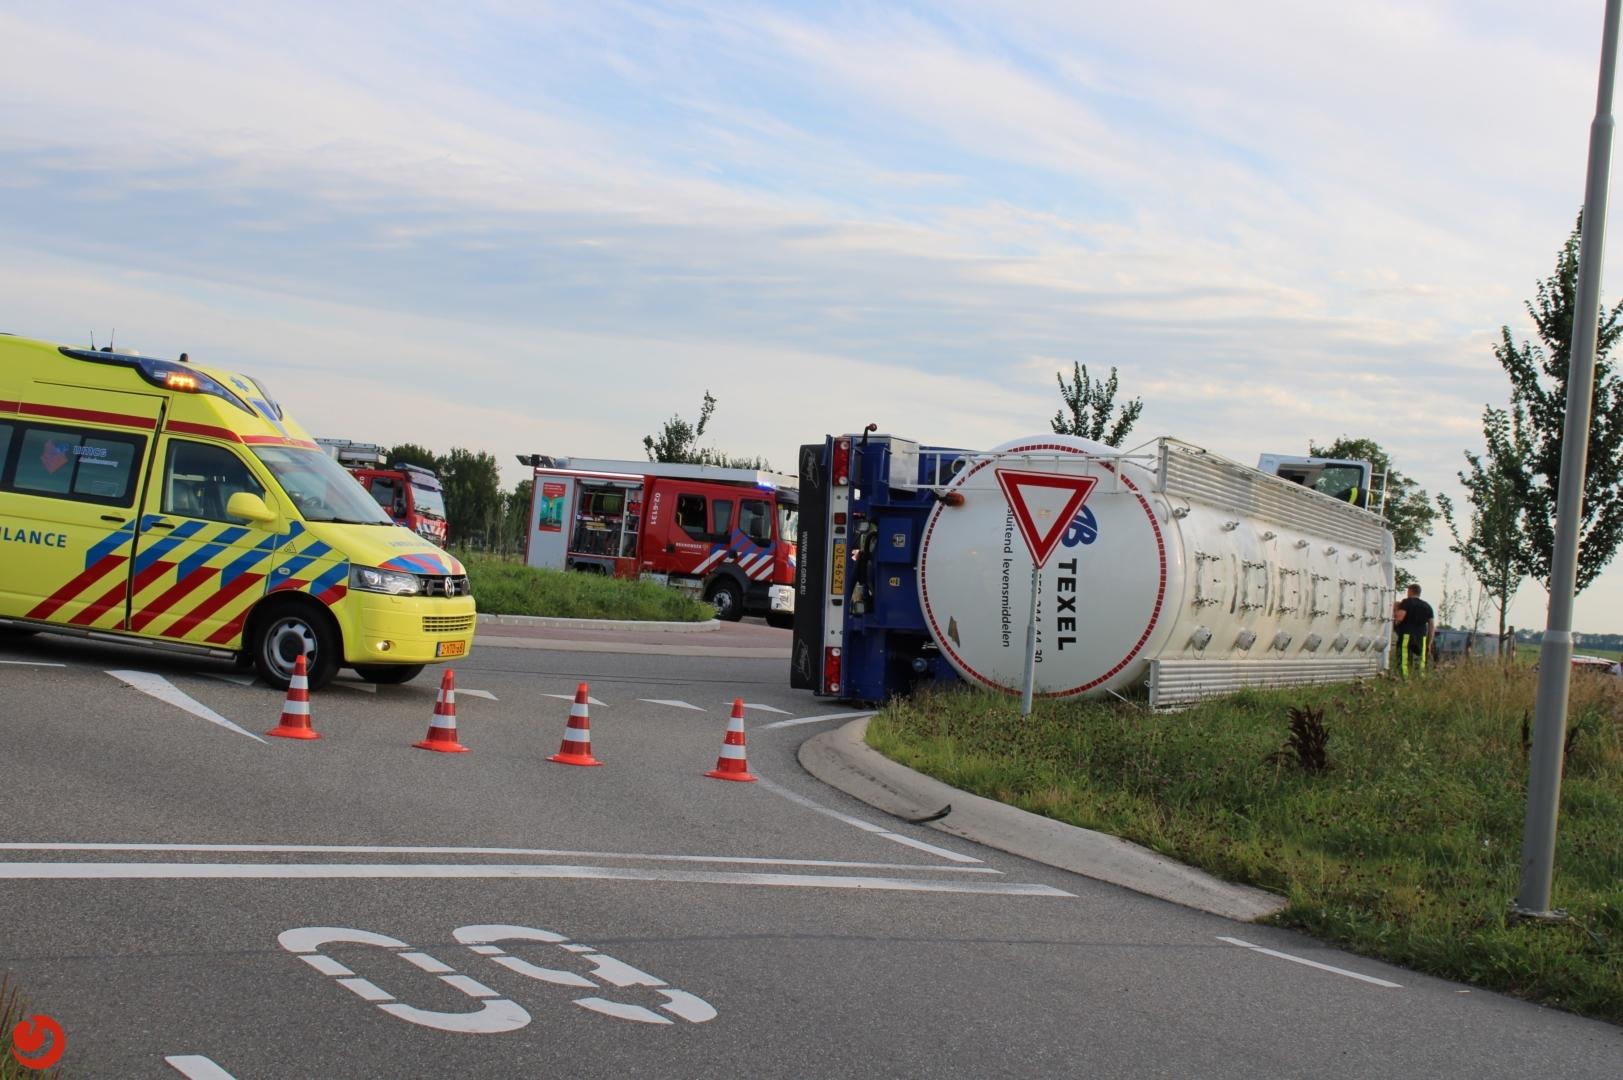 Vrachtwagen gekanteld bij Deinum chauffeur bleef ongedeerd